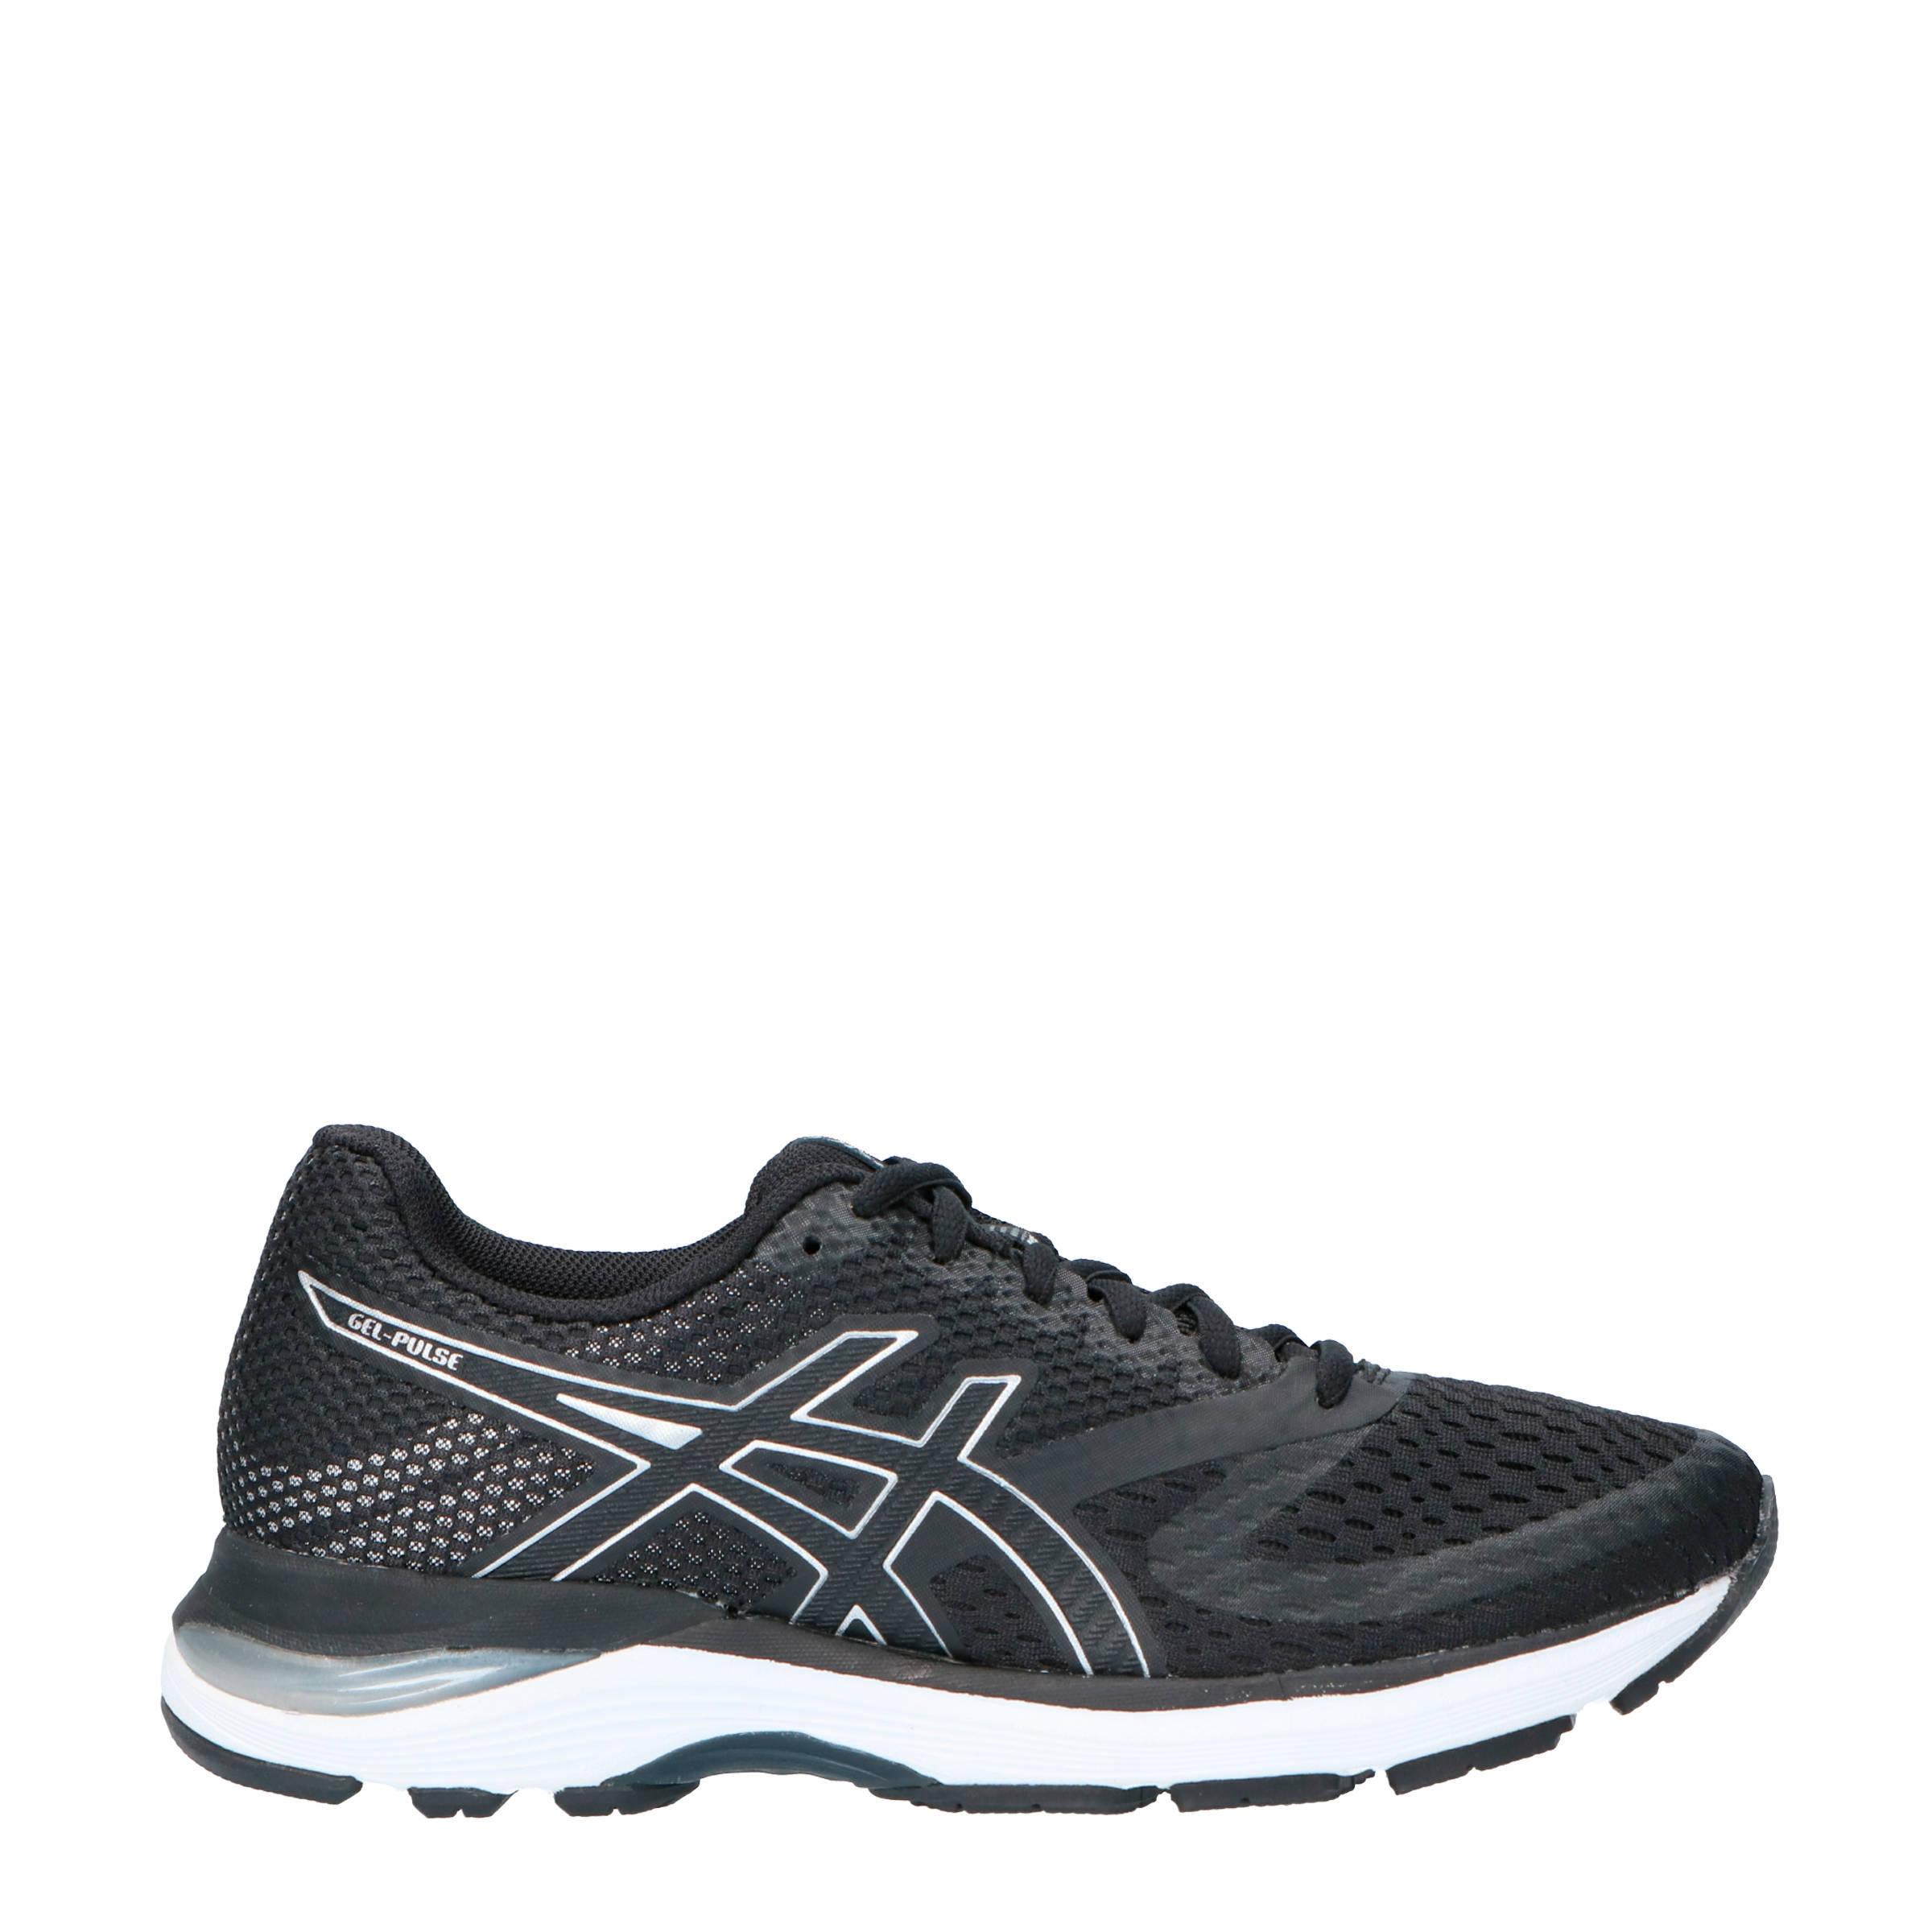 asics schoenen zwart